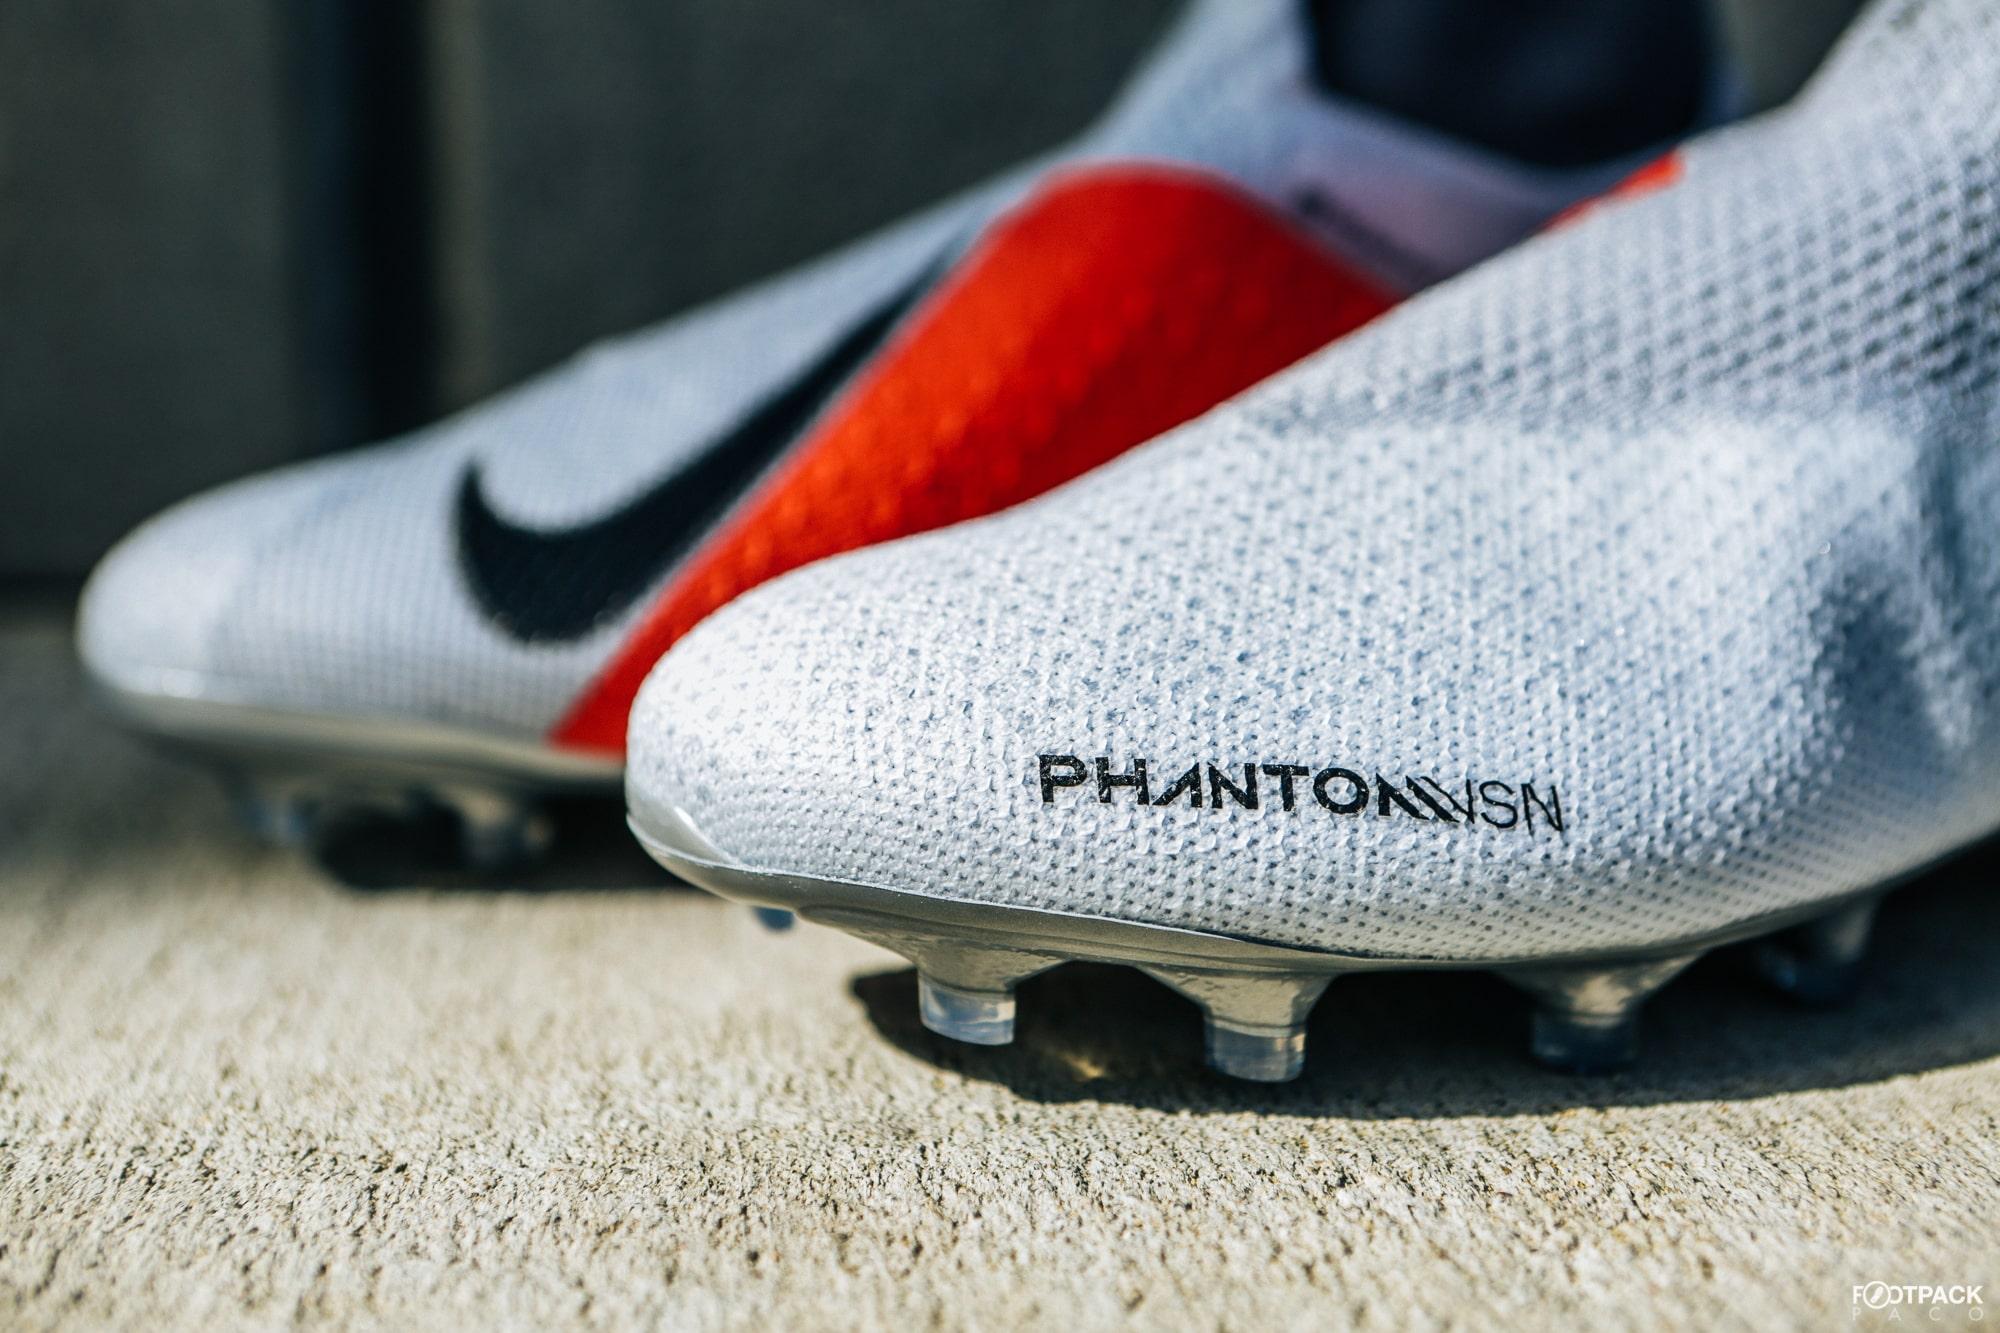 nike-phantom-vision-phantom-vsn-4